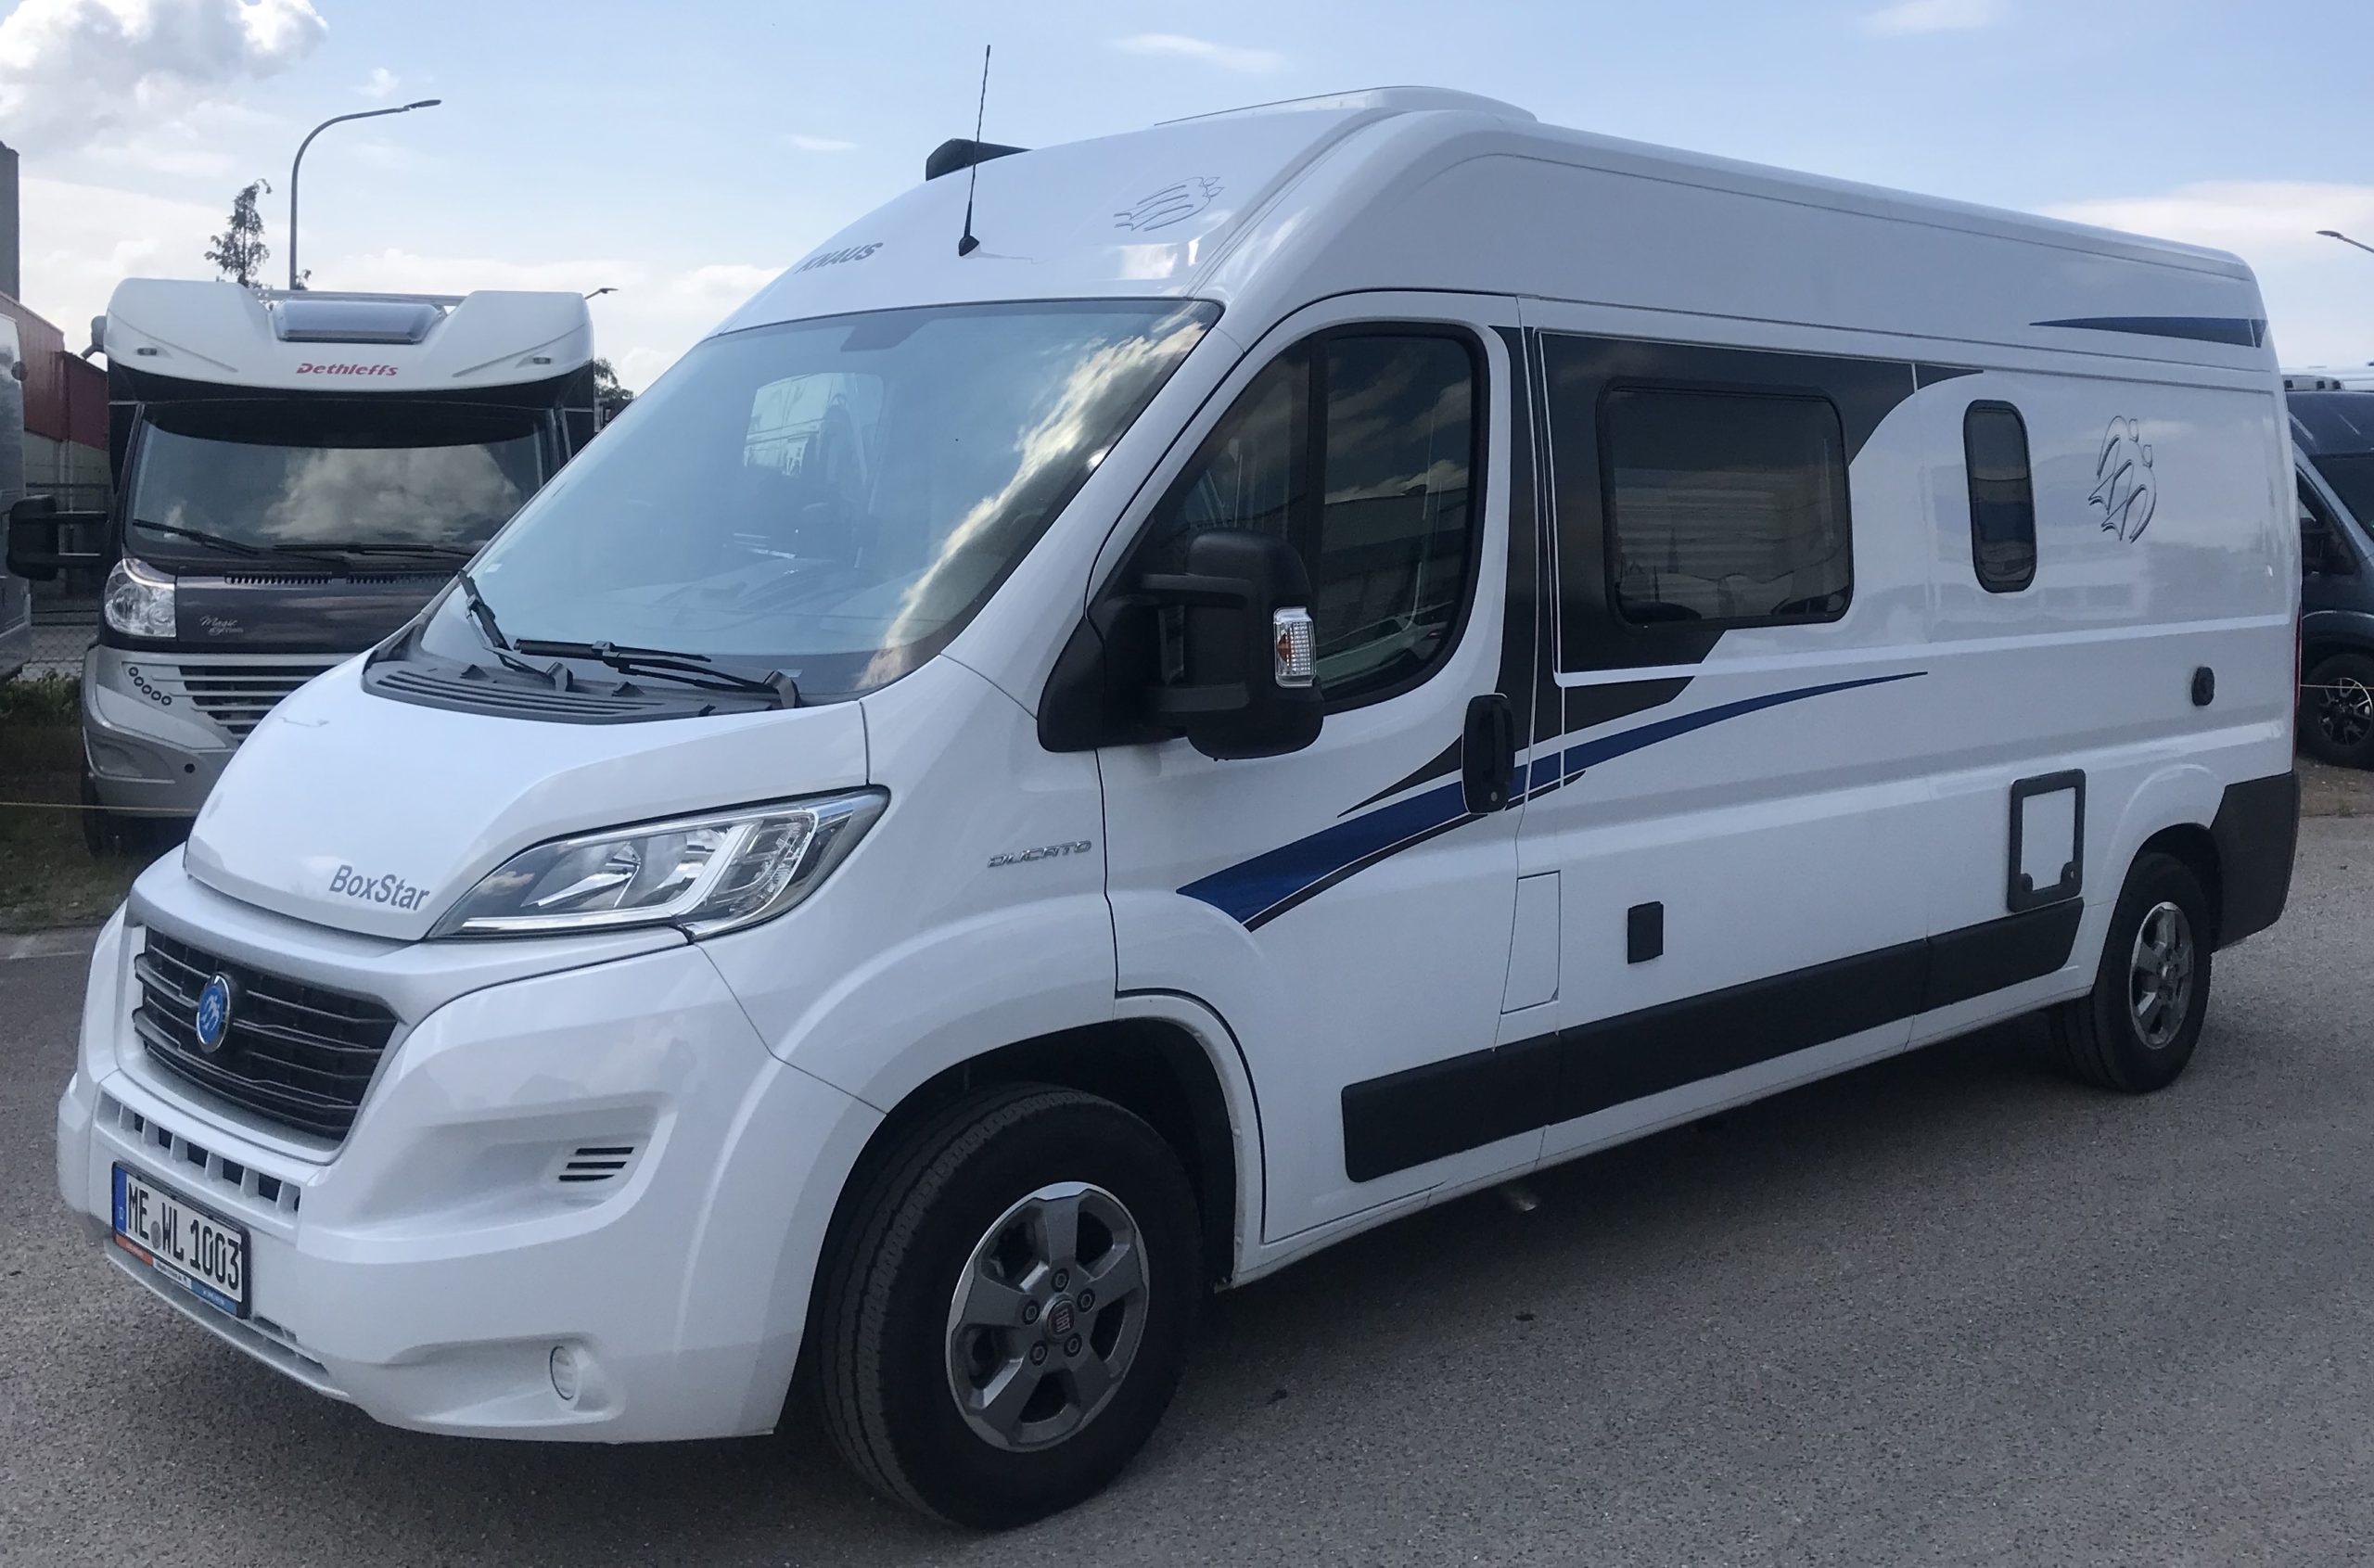 Knaus-Boxstar-600